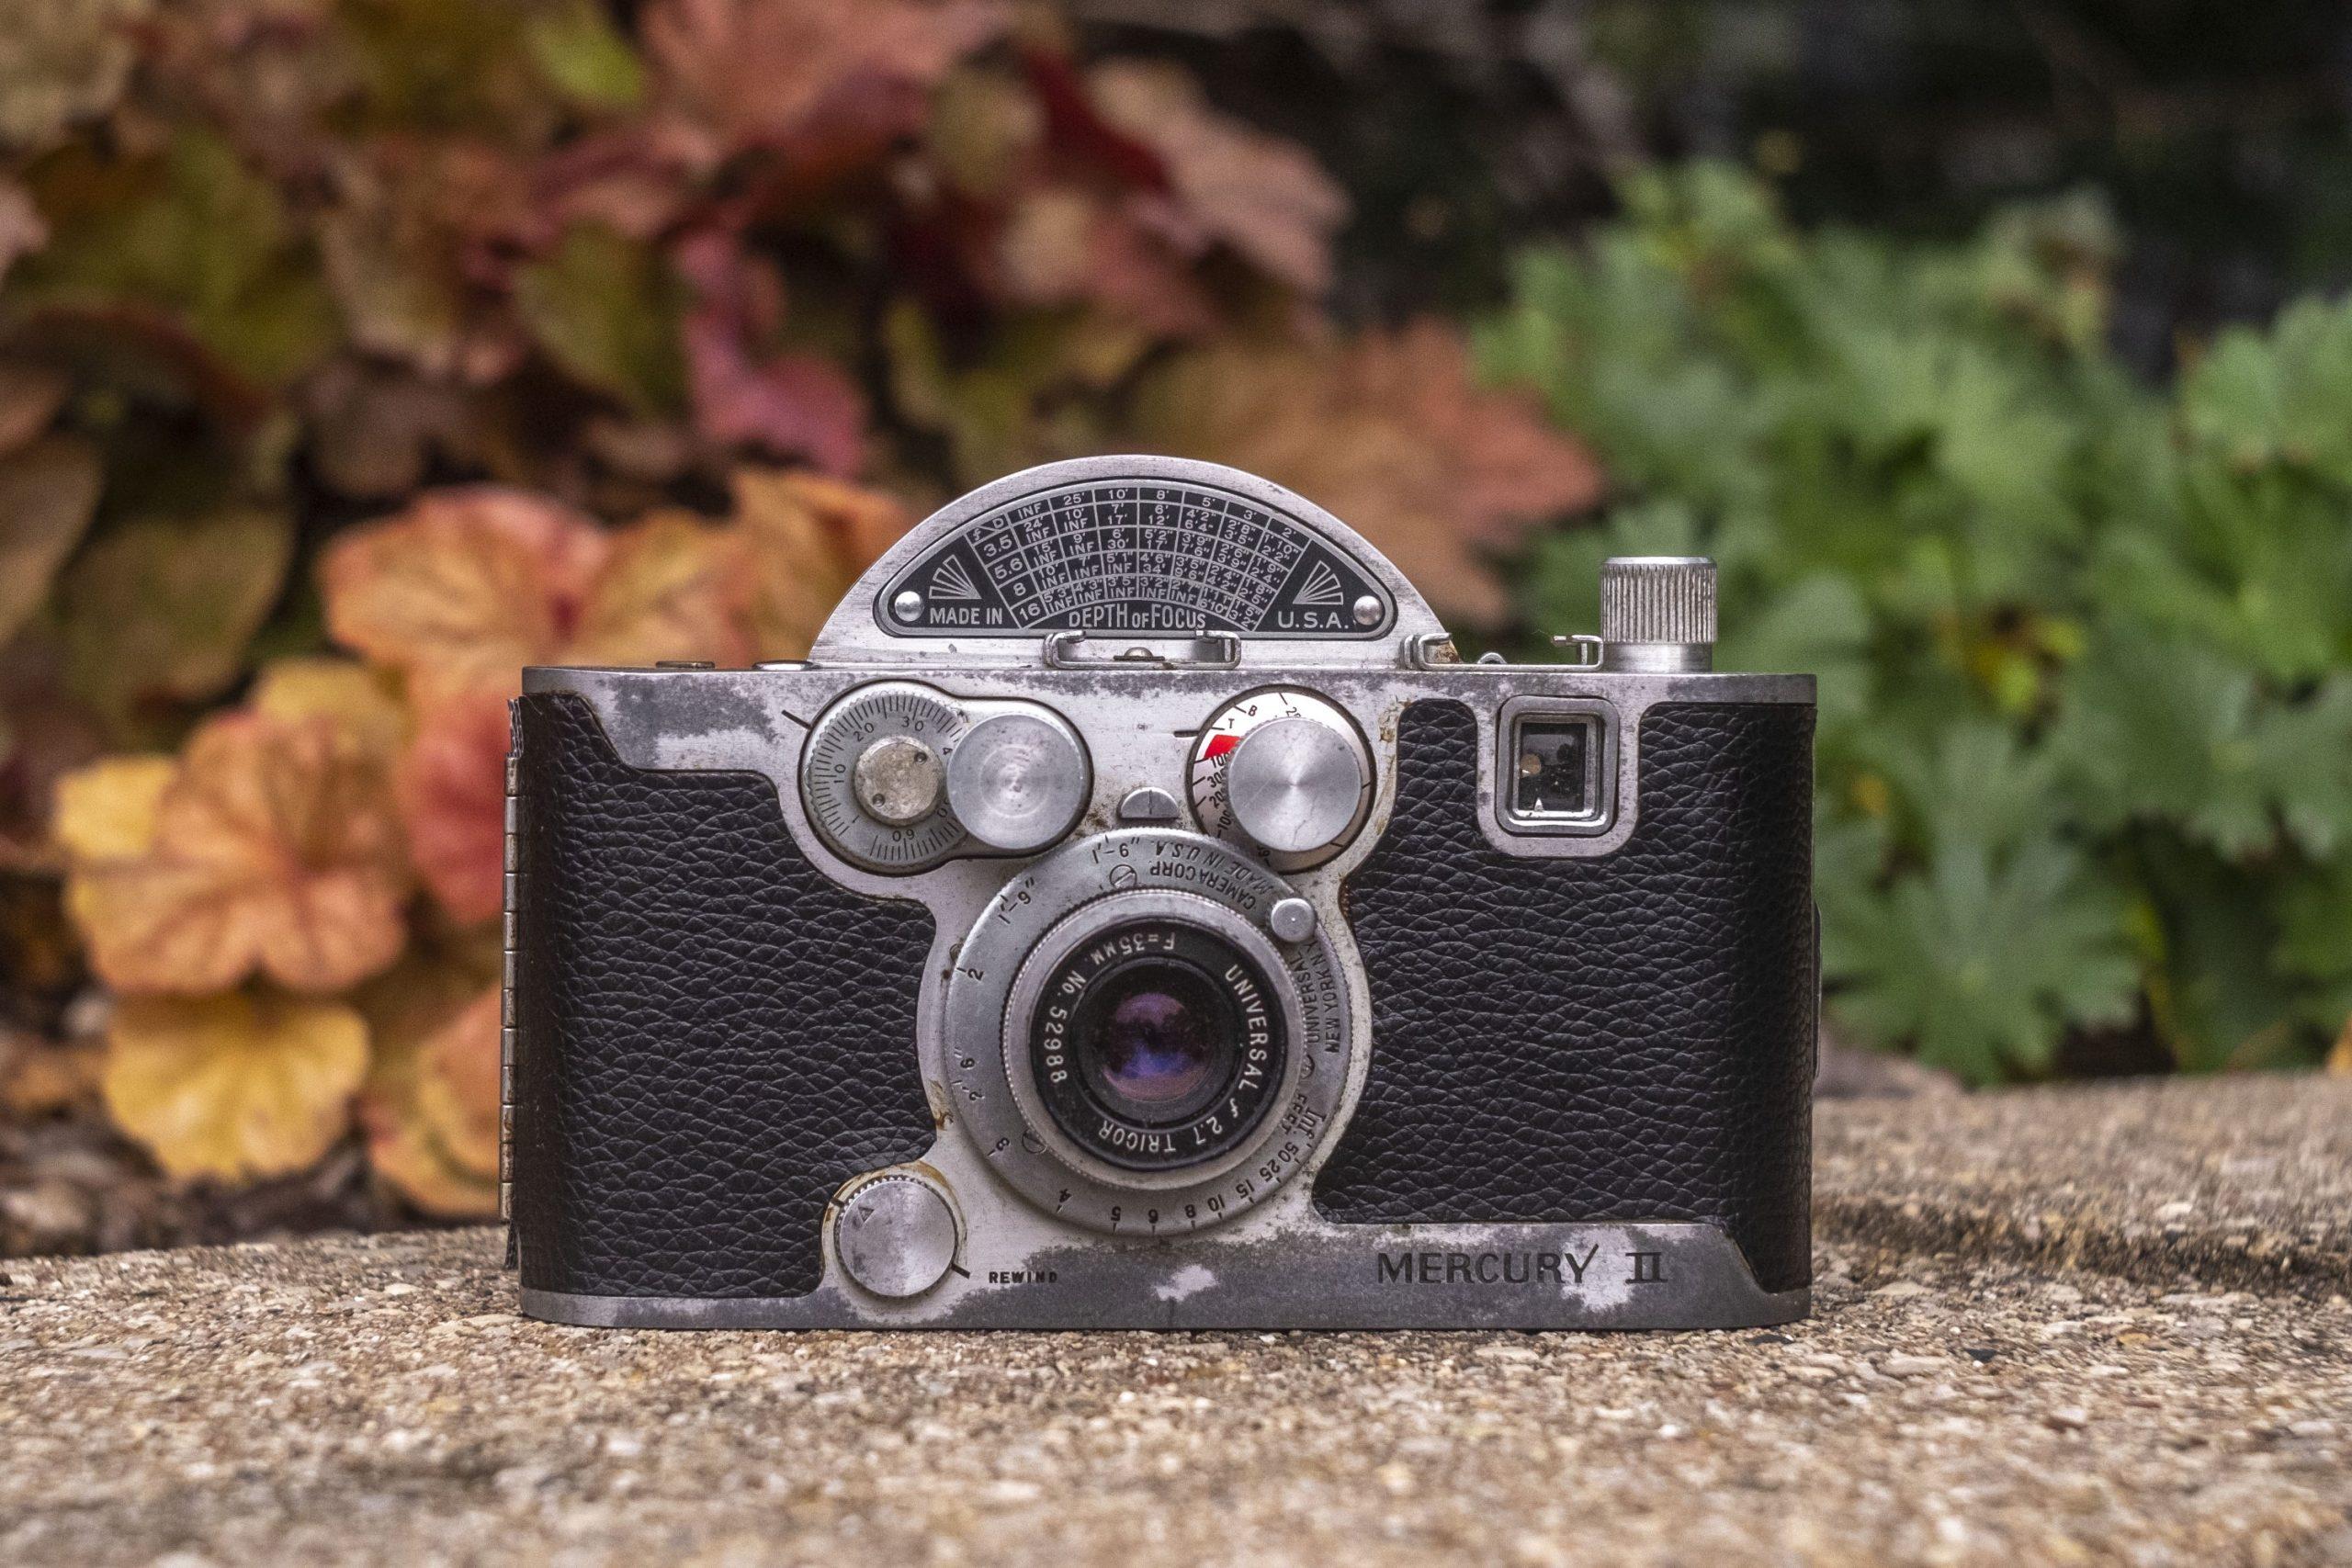 Universal Mercury II (1946)